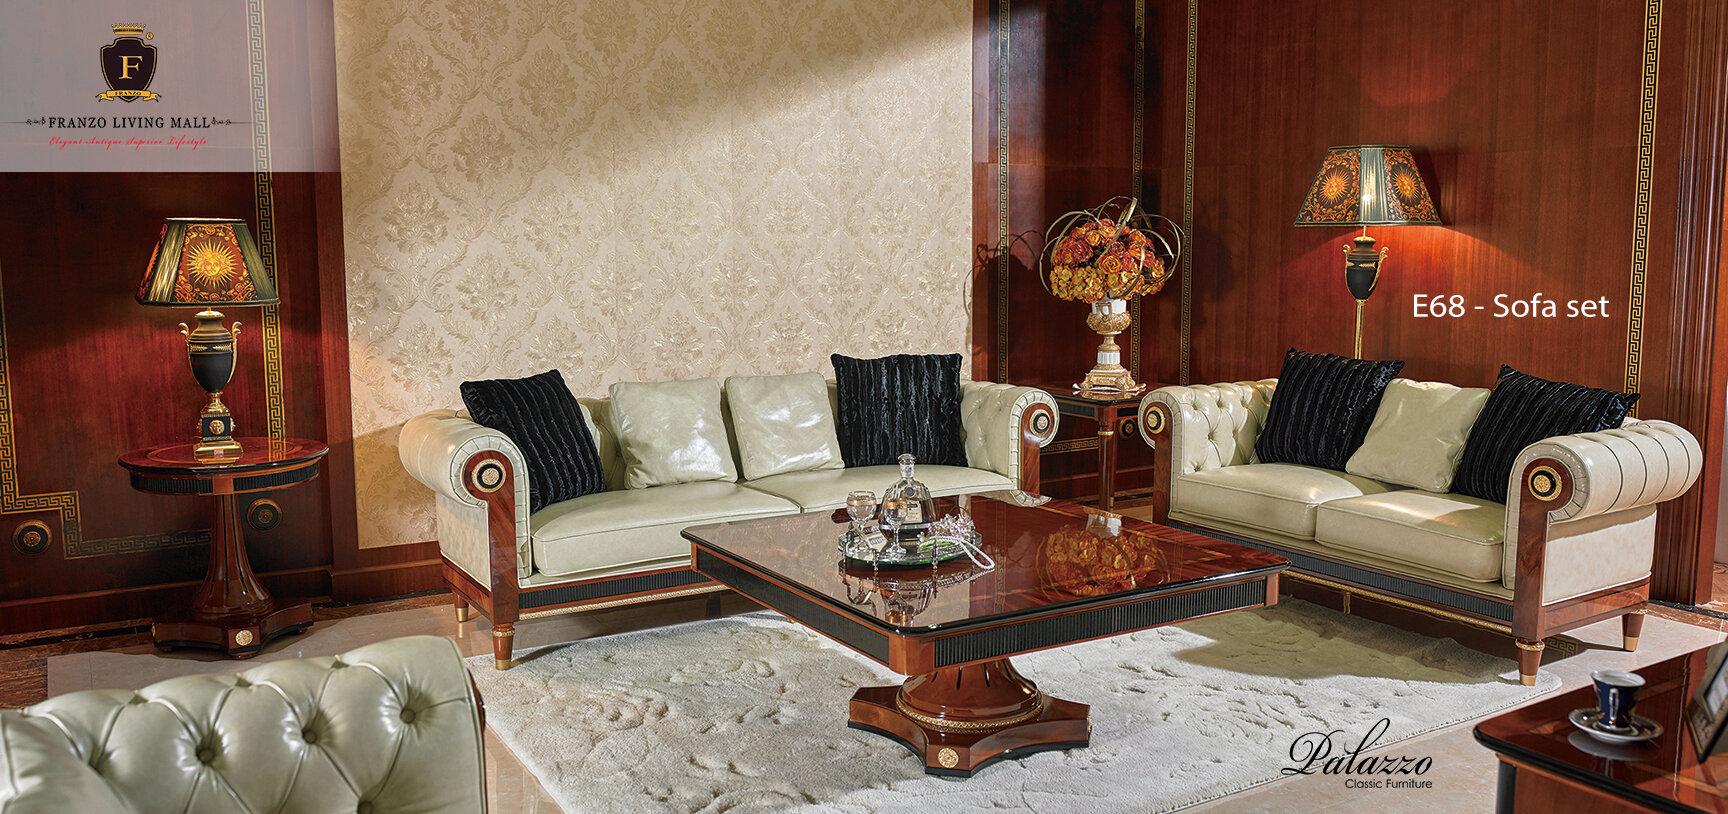 E68 sofa set 2 copy.jpg